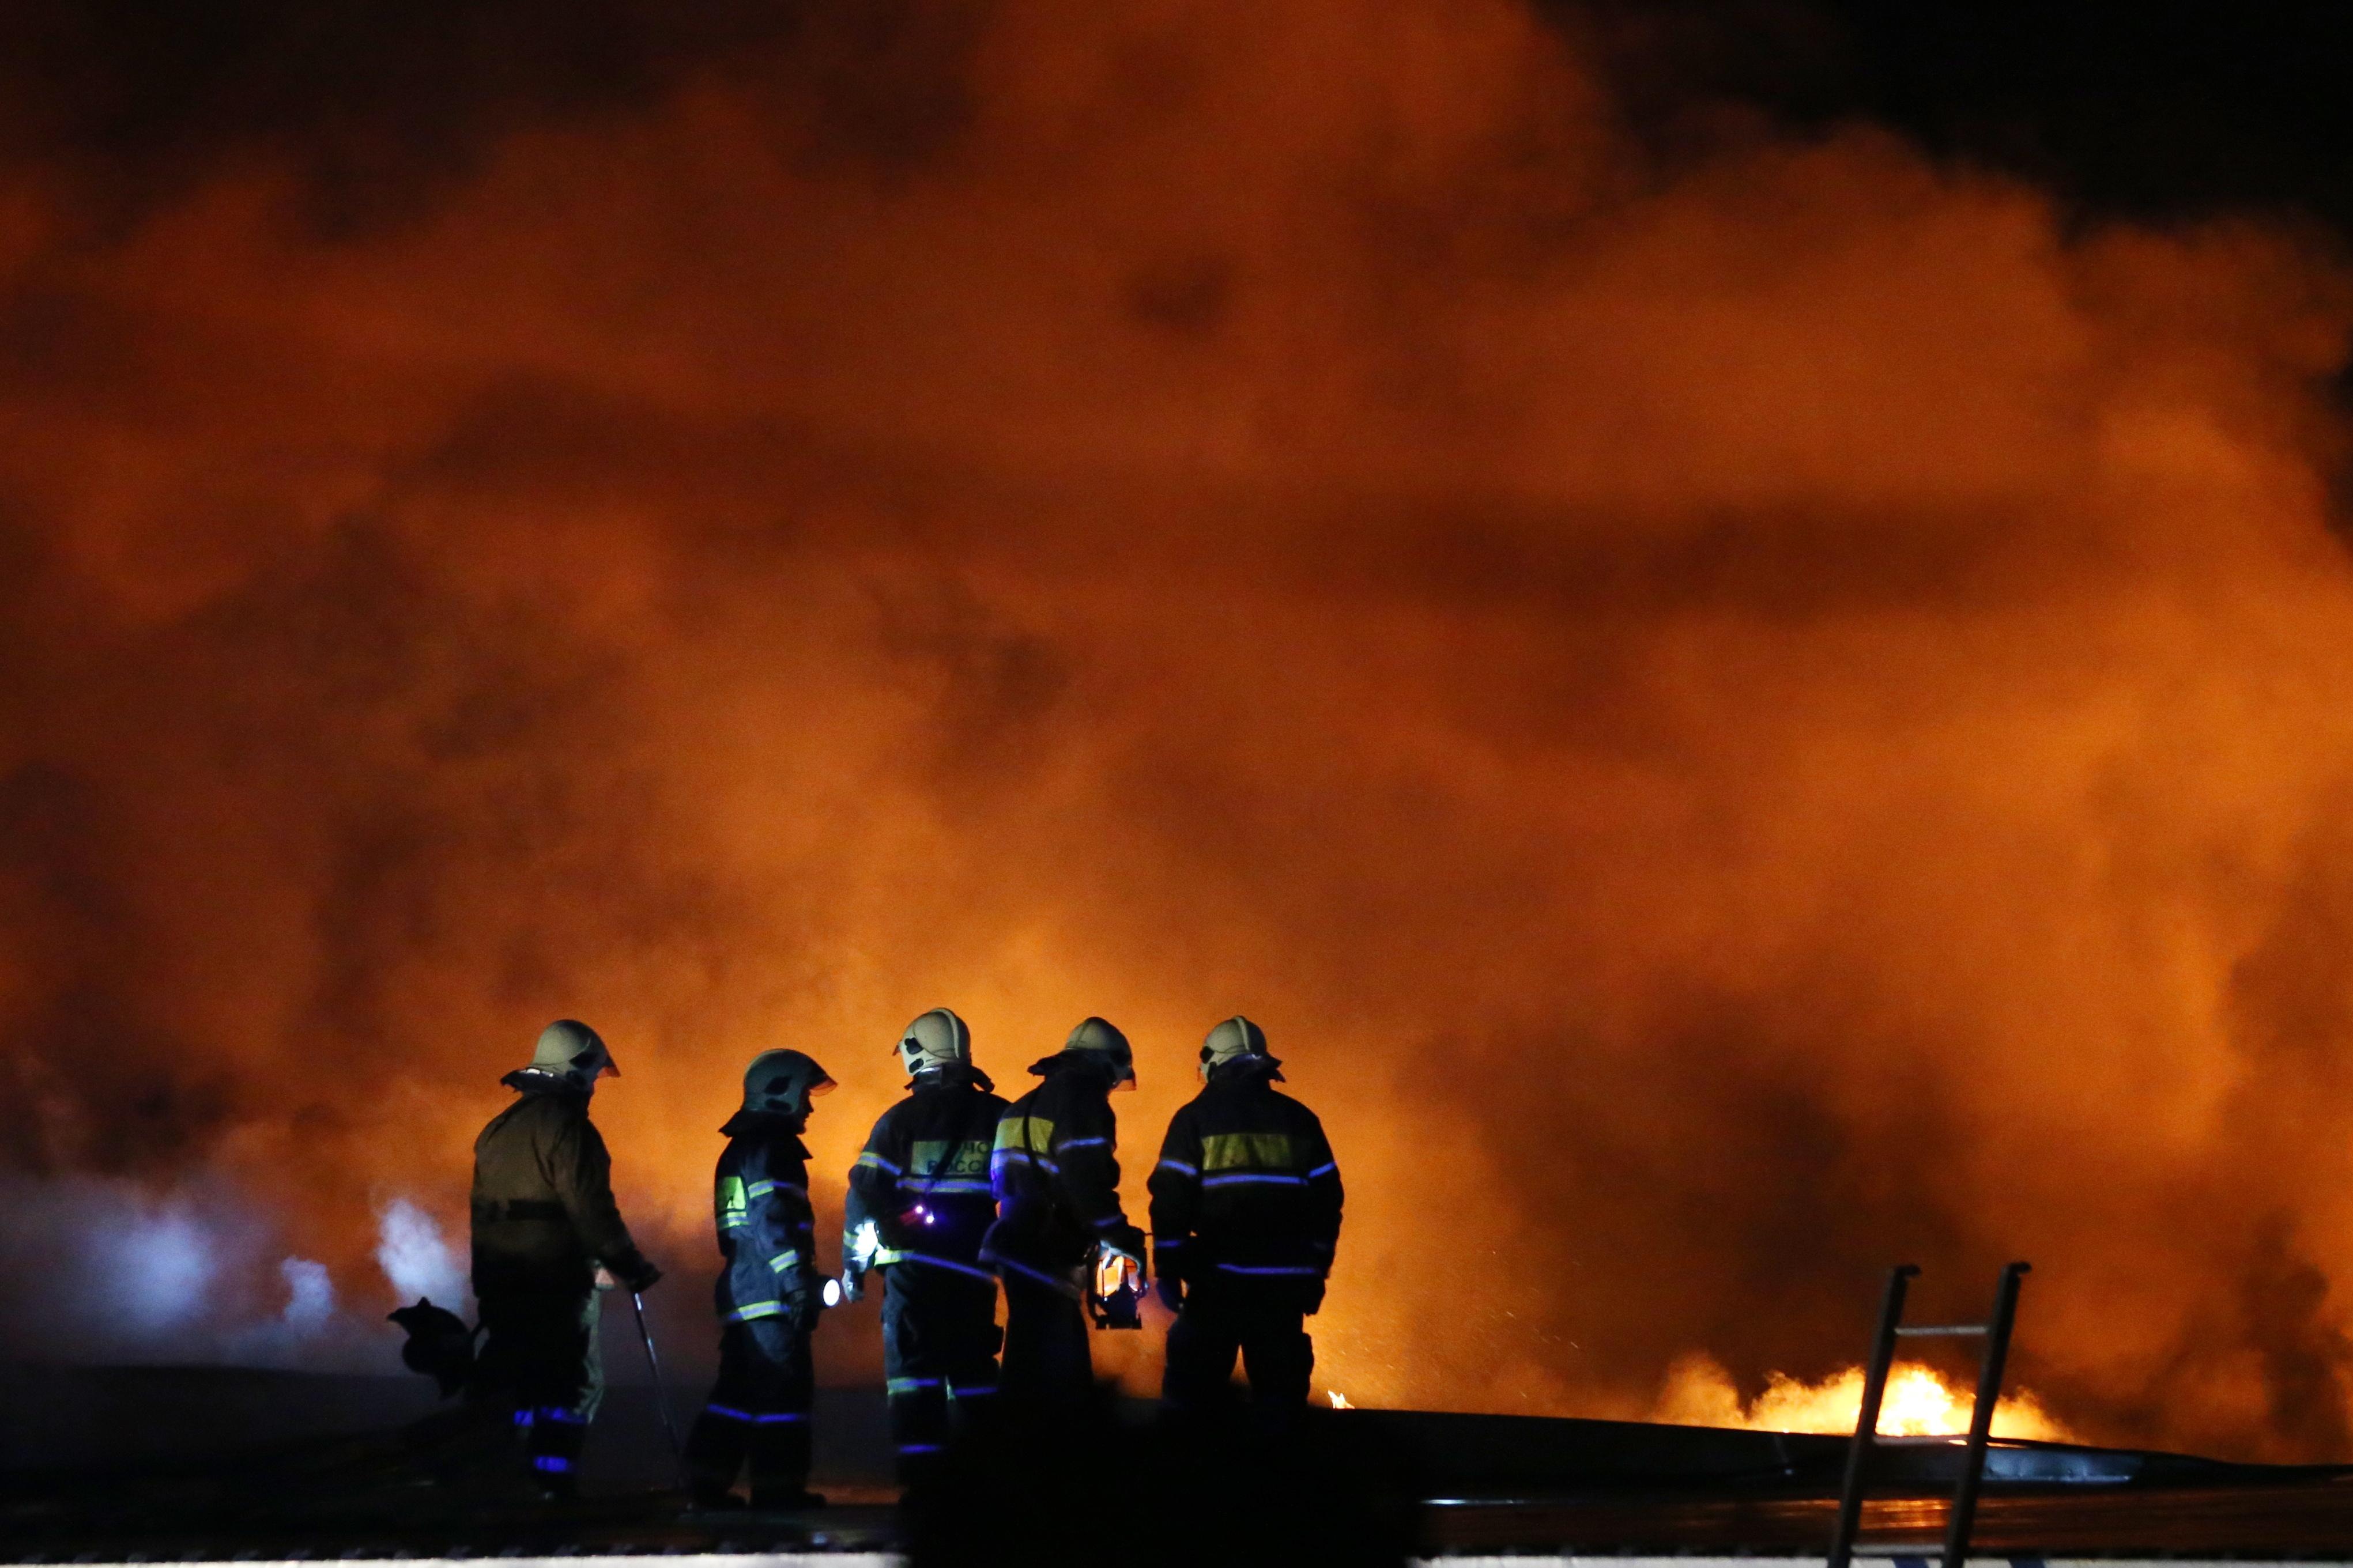 Сгорела обстановка на 3 квадратных метрах. Фото: Артем Коротаев